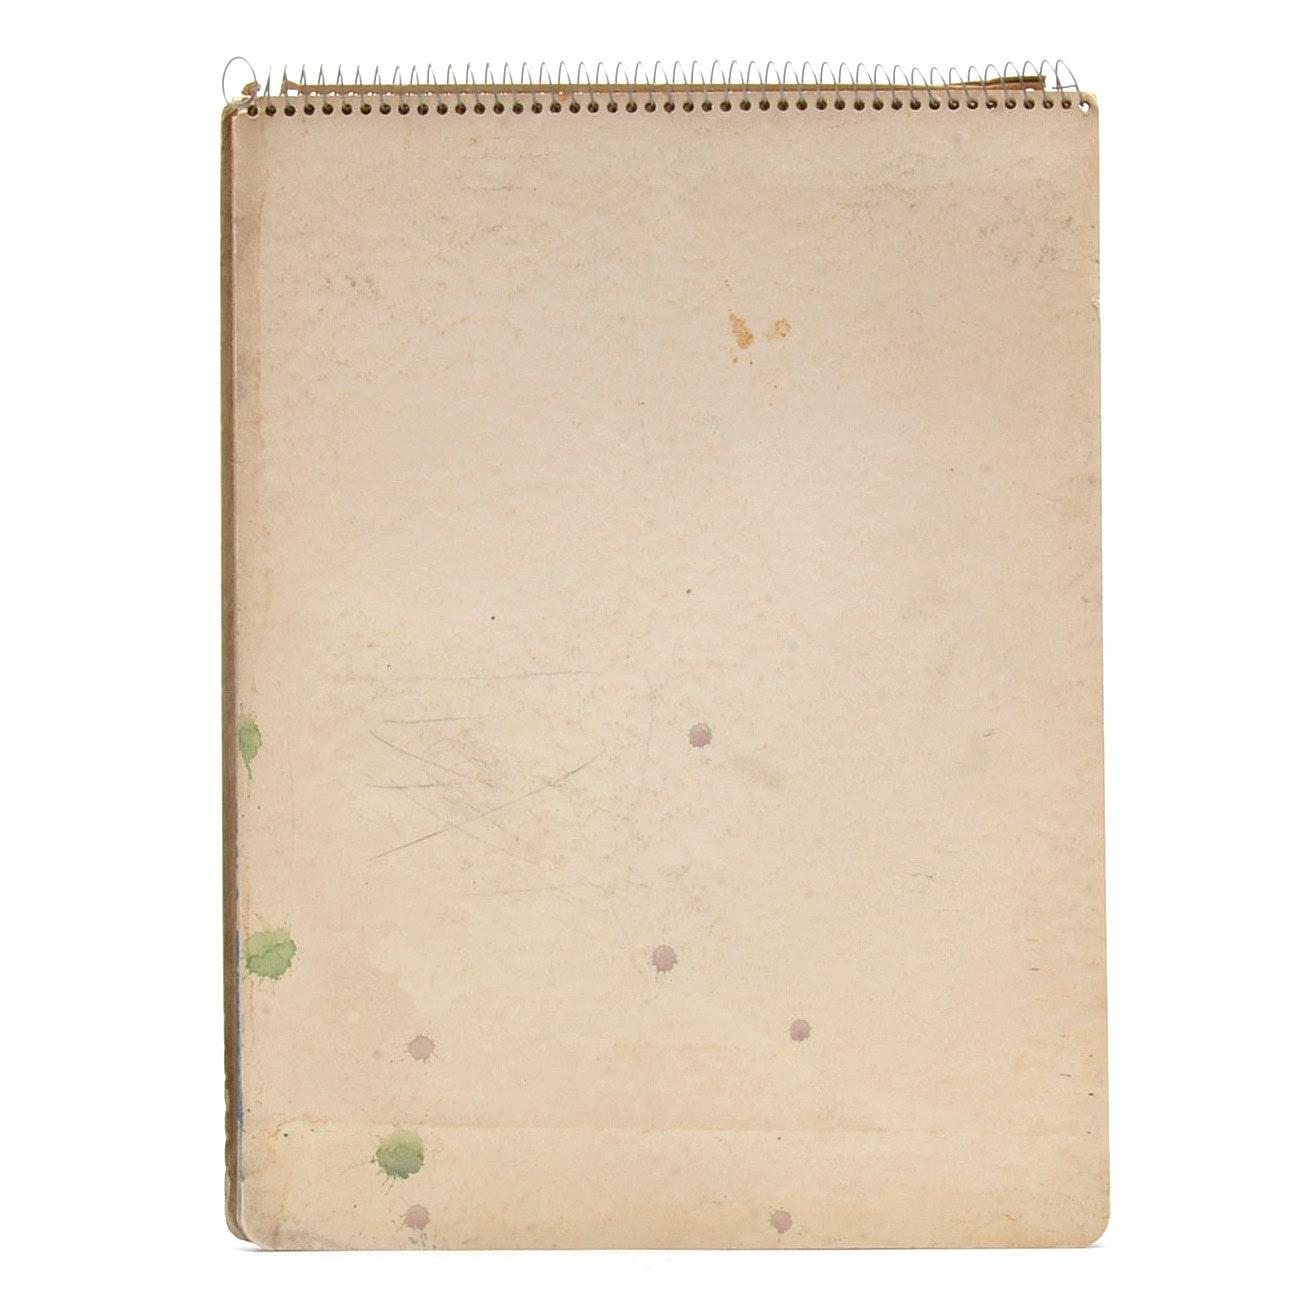 Paul Chidlaw Vintage Used Sketchbook